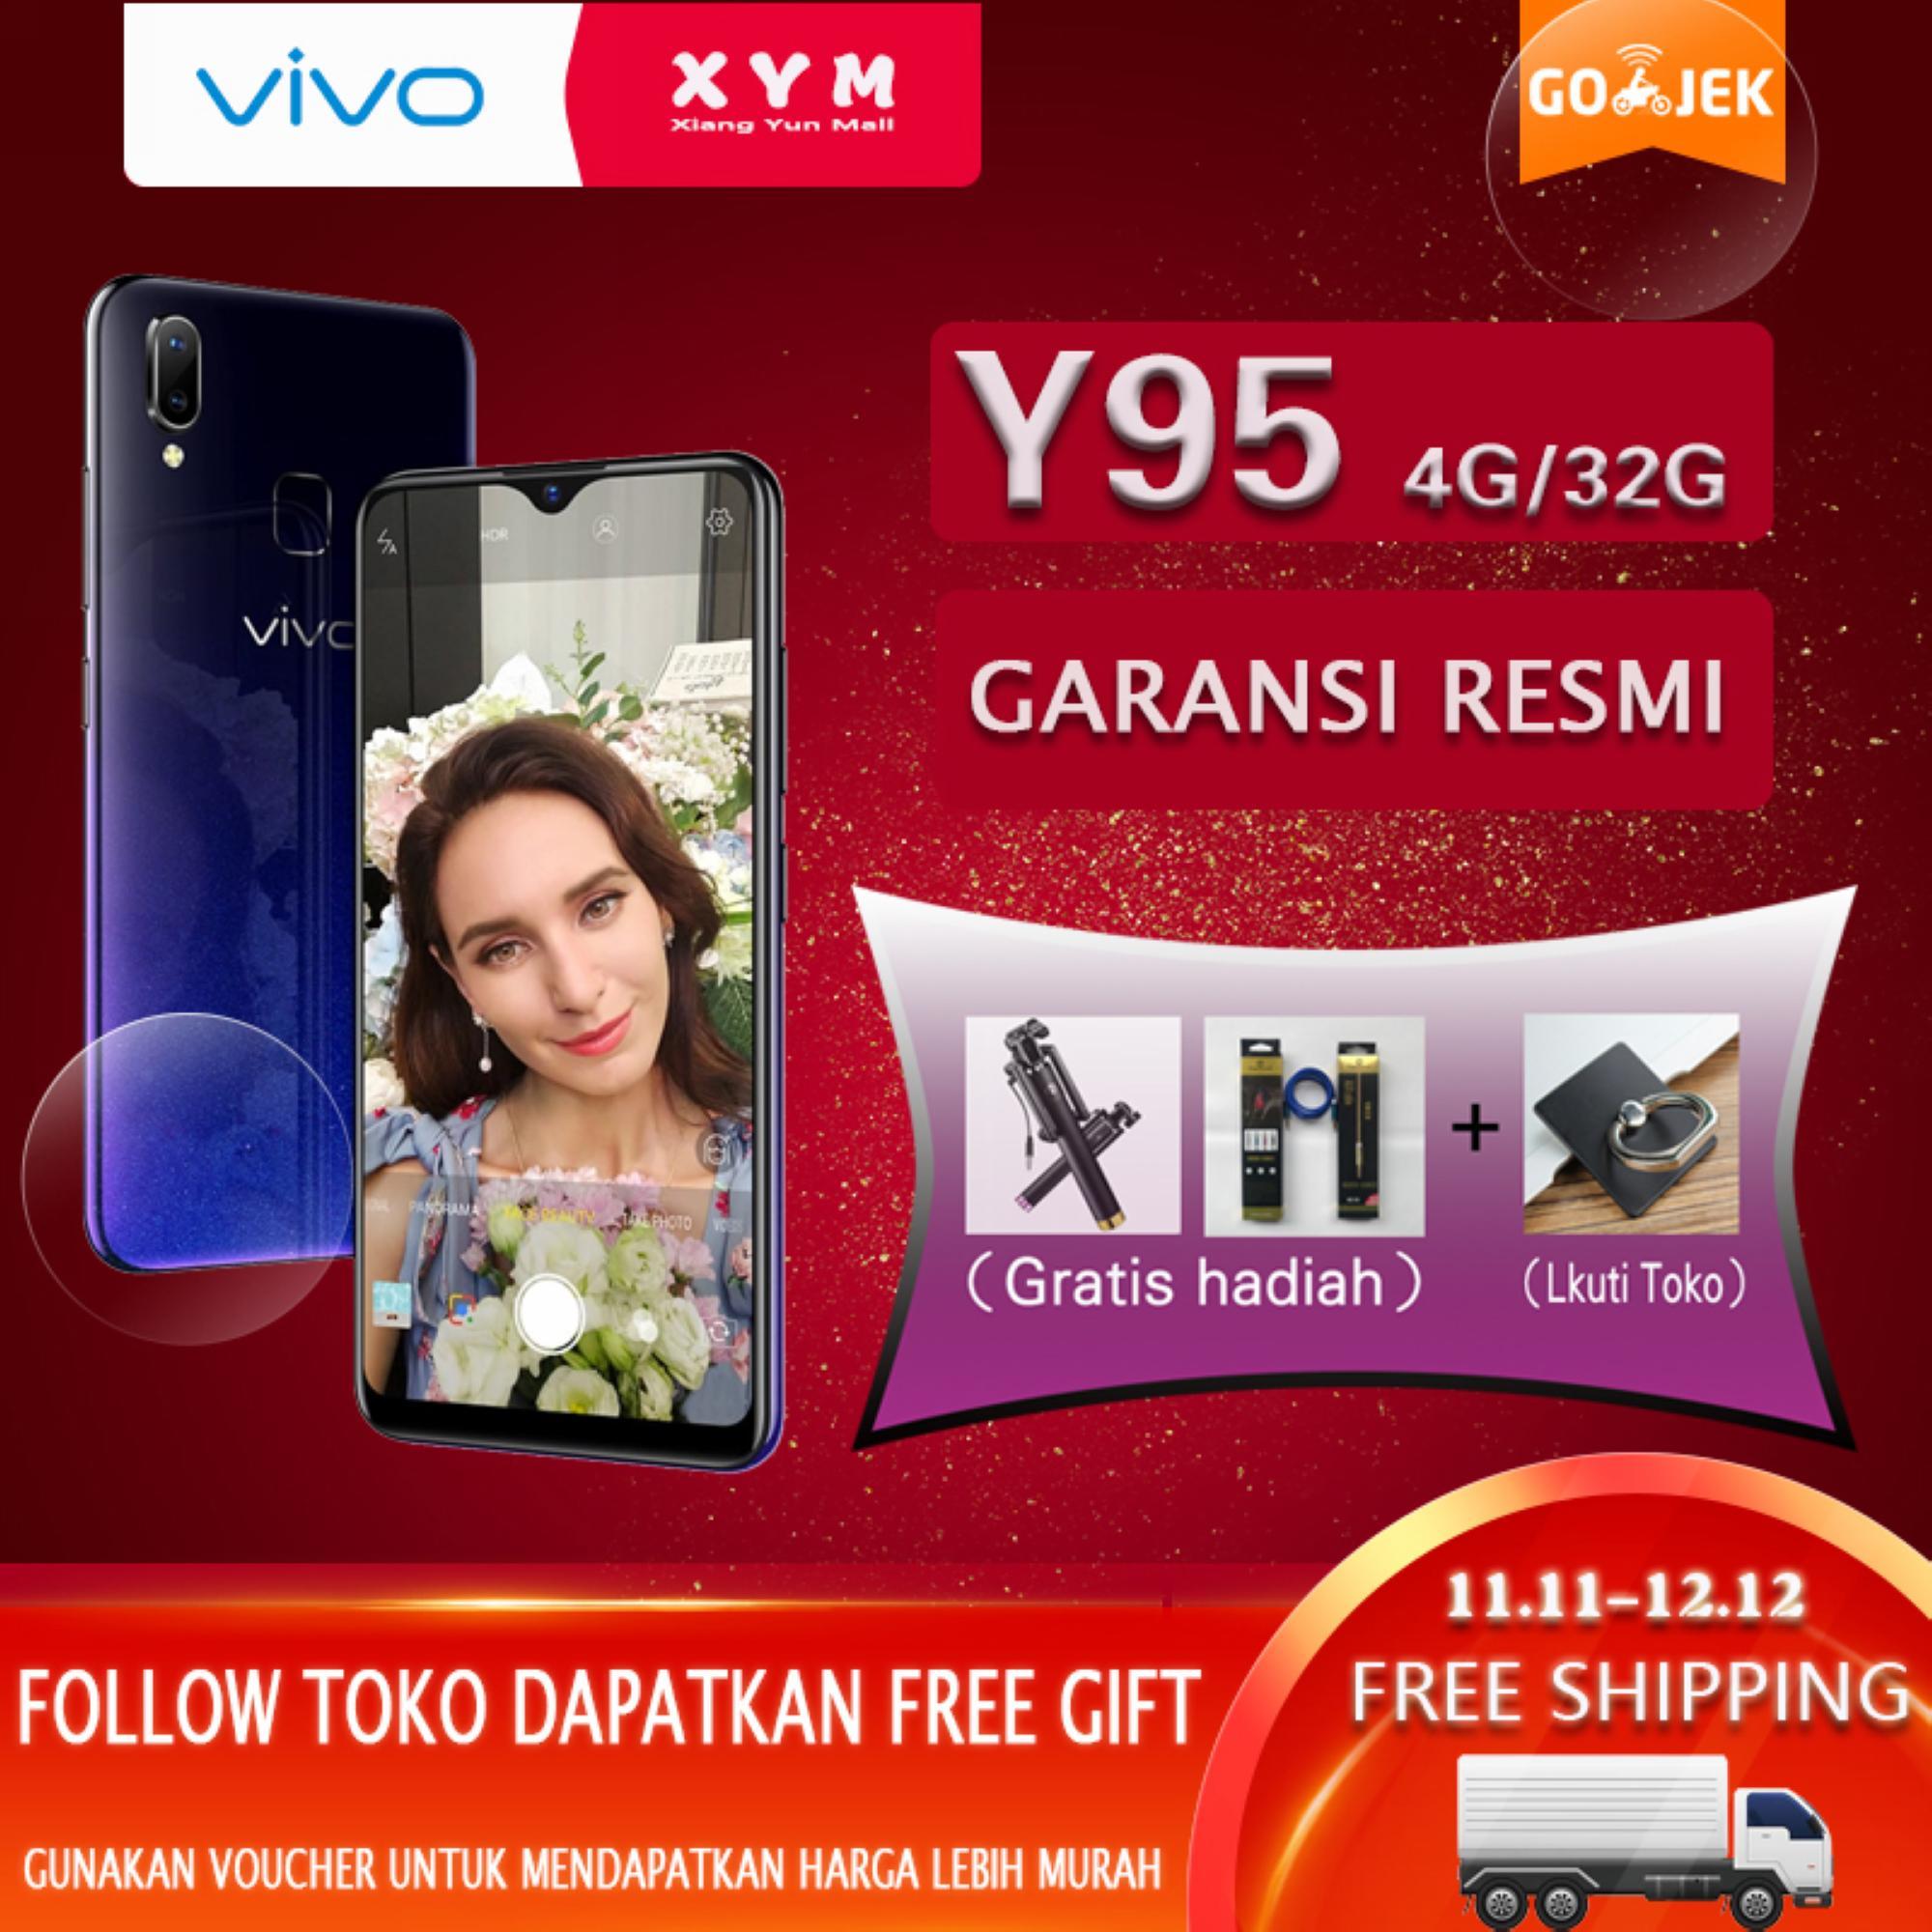 Handphone Smartphone Vivo Terbaru Y53 Ram 2gb Rom 16gb Garansi Resmi Indonesia 1 Tahun Y95 4gb 32gb Halo Fullview Display 4030mah Battery